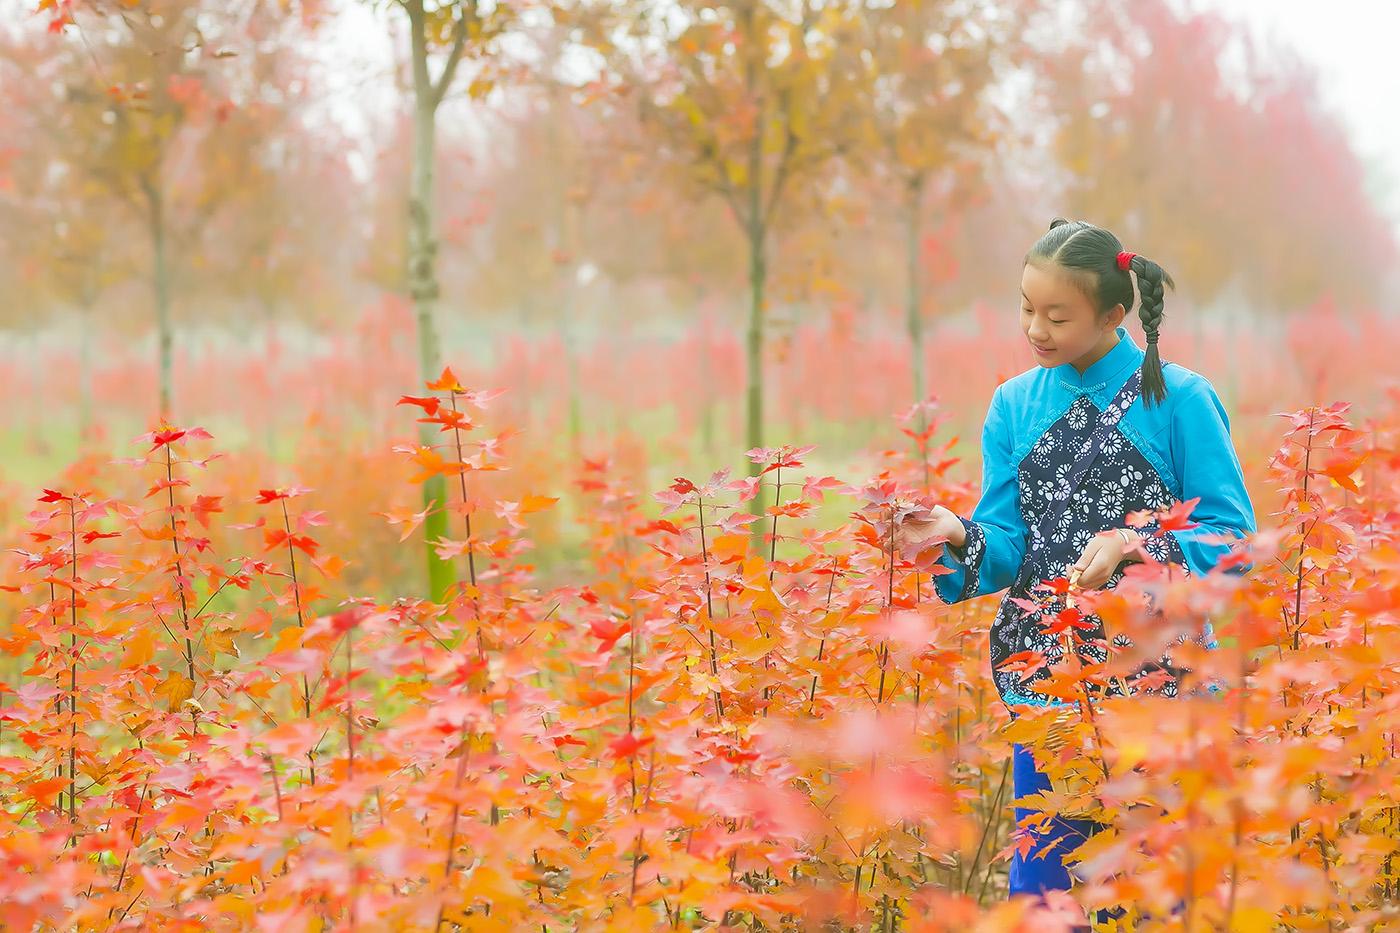 沂蒙山区竟然有这么一片童话般的树林 沂蒙小精灵火红的童年来袭 ..._图1-11